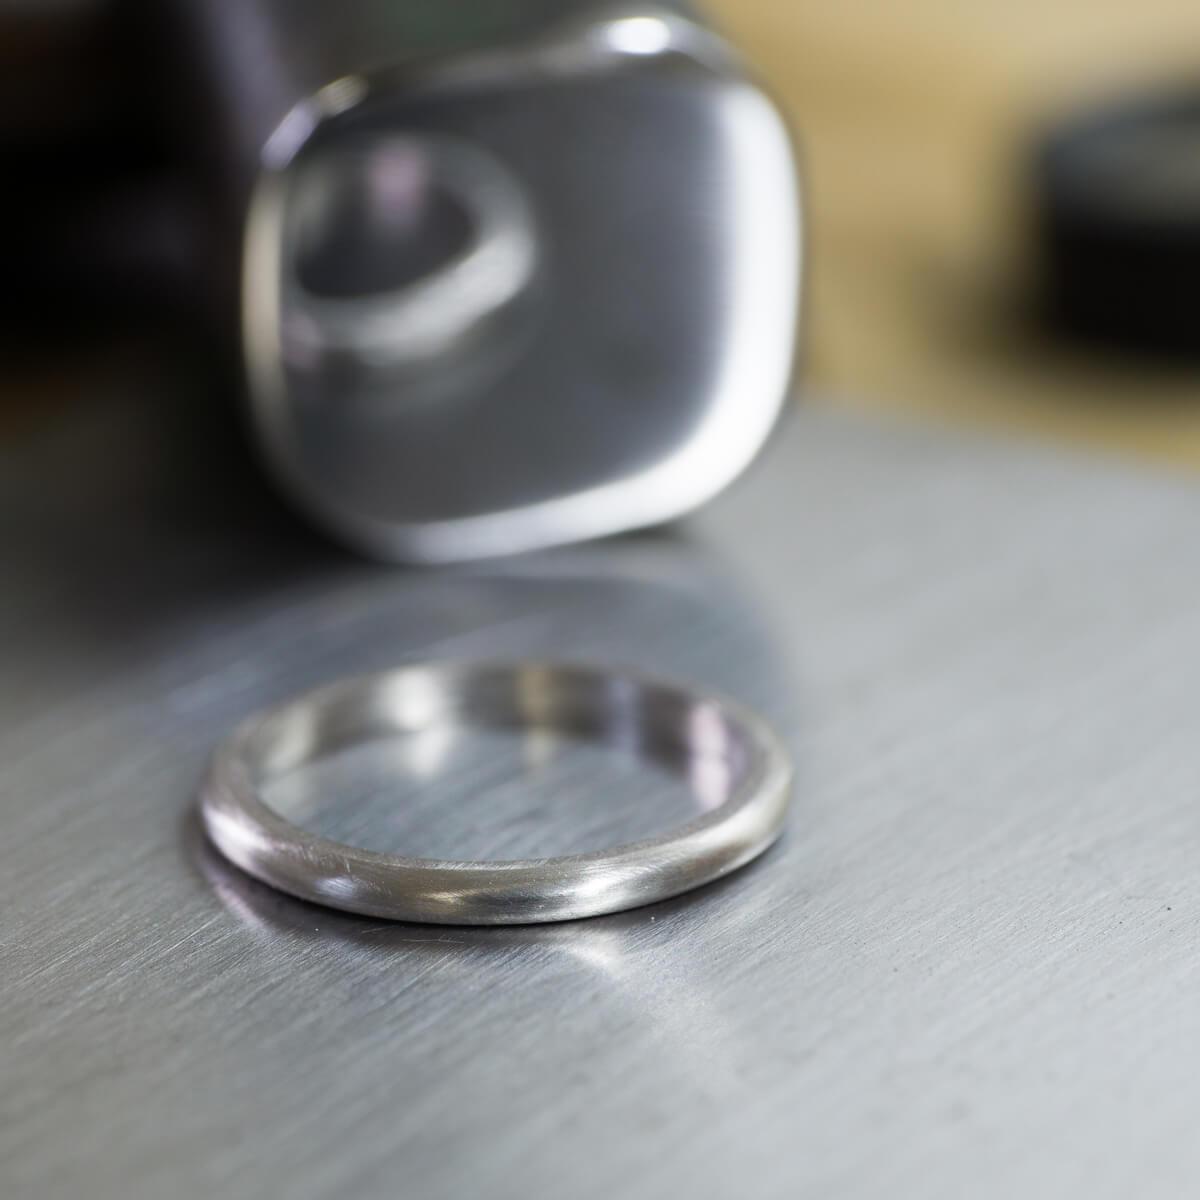 オーダーメイドマリッジリングの制作風景 ジュエリーのアトリエ 結婚指輪の奥に金槌 プラチナ 屋久島でつくる結婚指輪